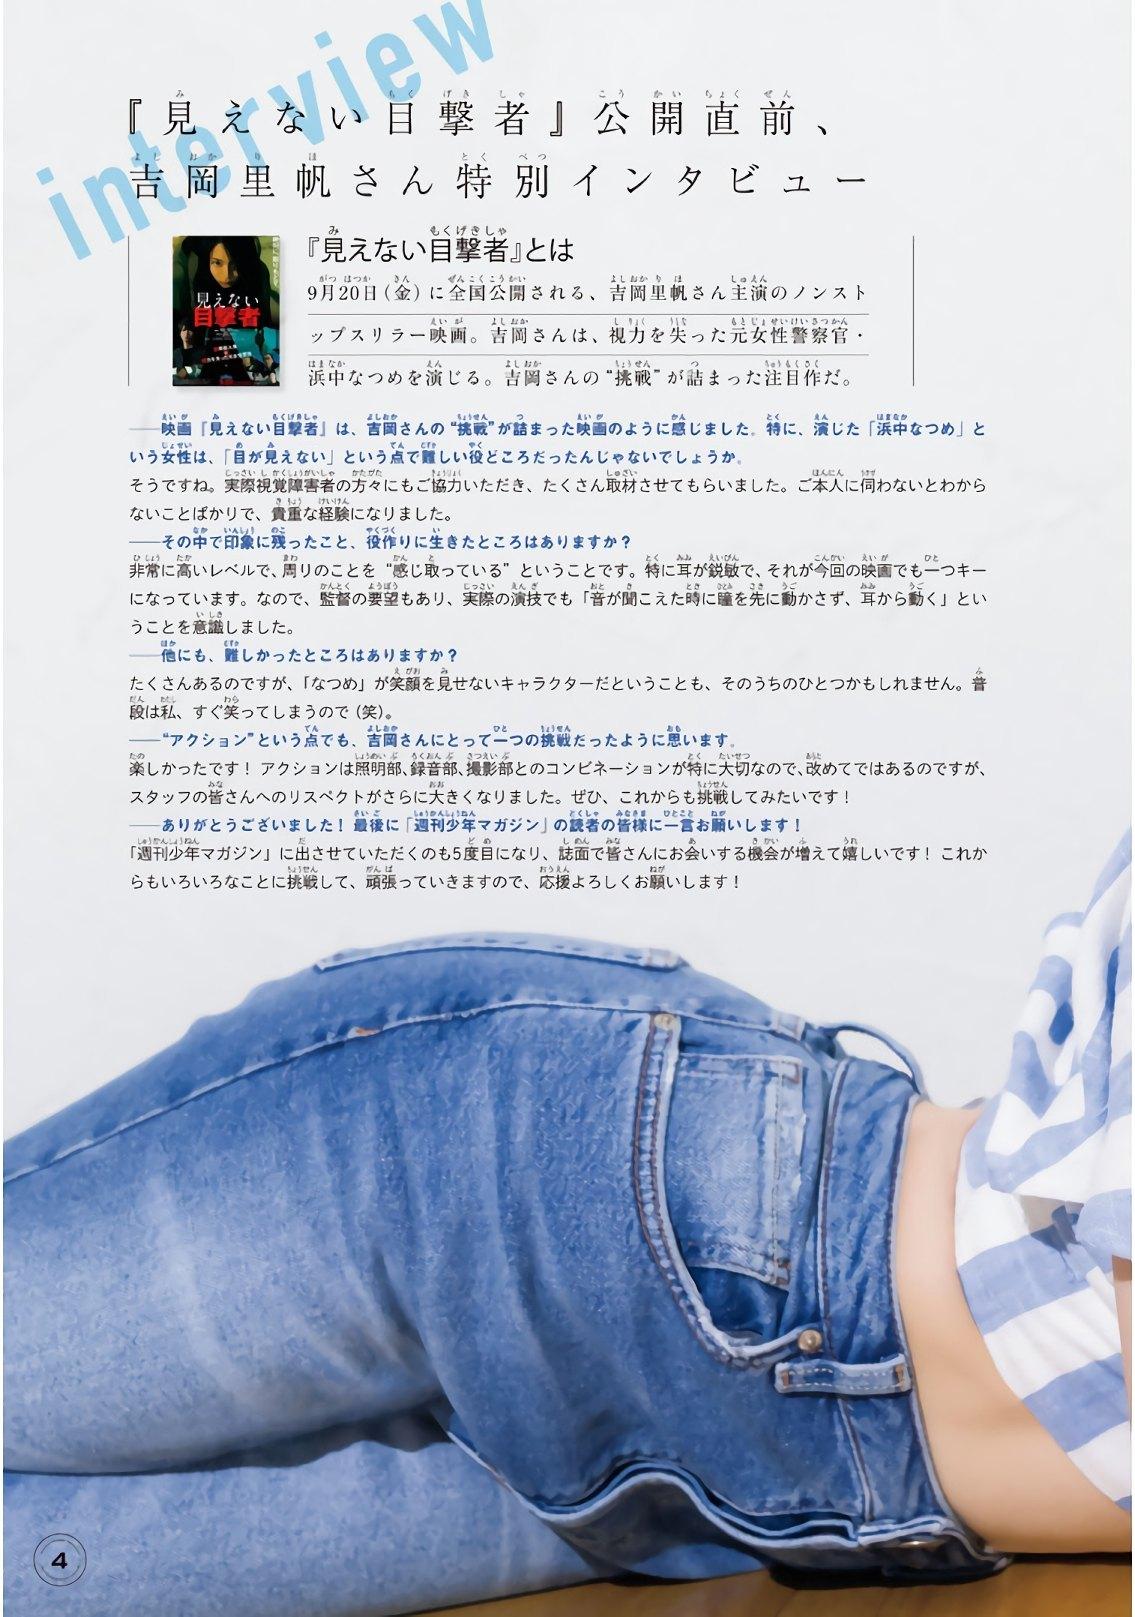 吉冈里帆再次出现在花花公子时尚杂志彰显自己性感可爱的写真作品 (23)